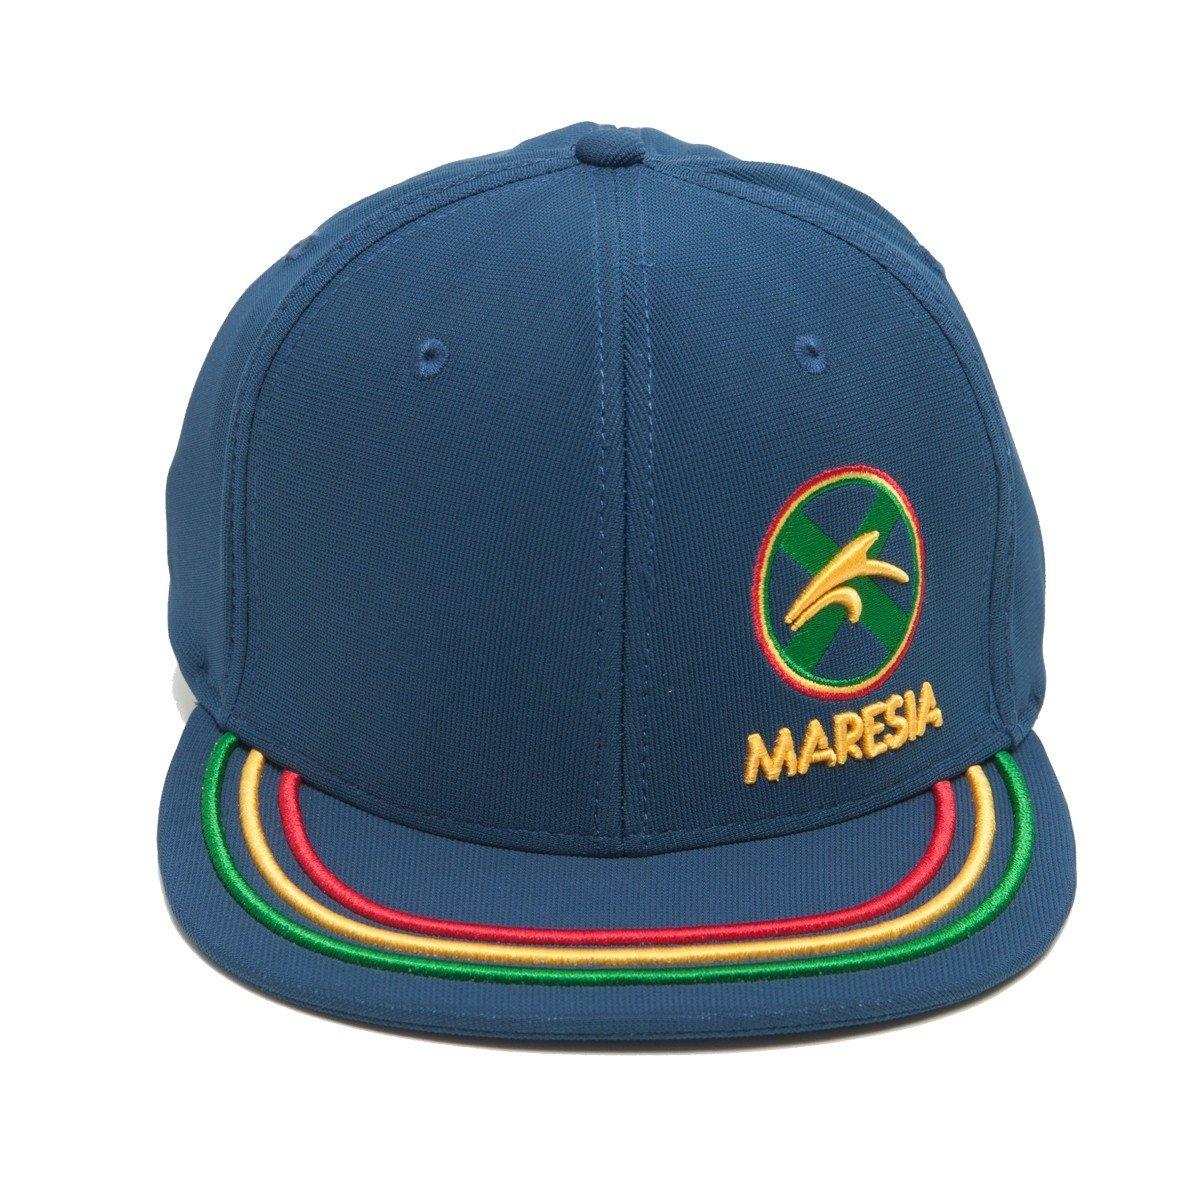 Boné Maresia Reggae - Compre Agora  1f83ee703d9